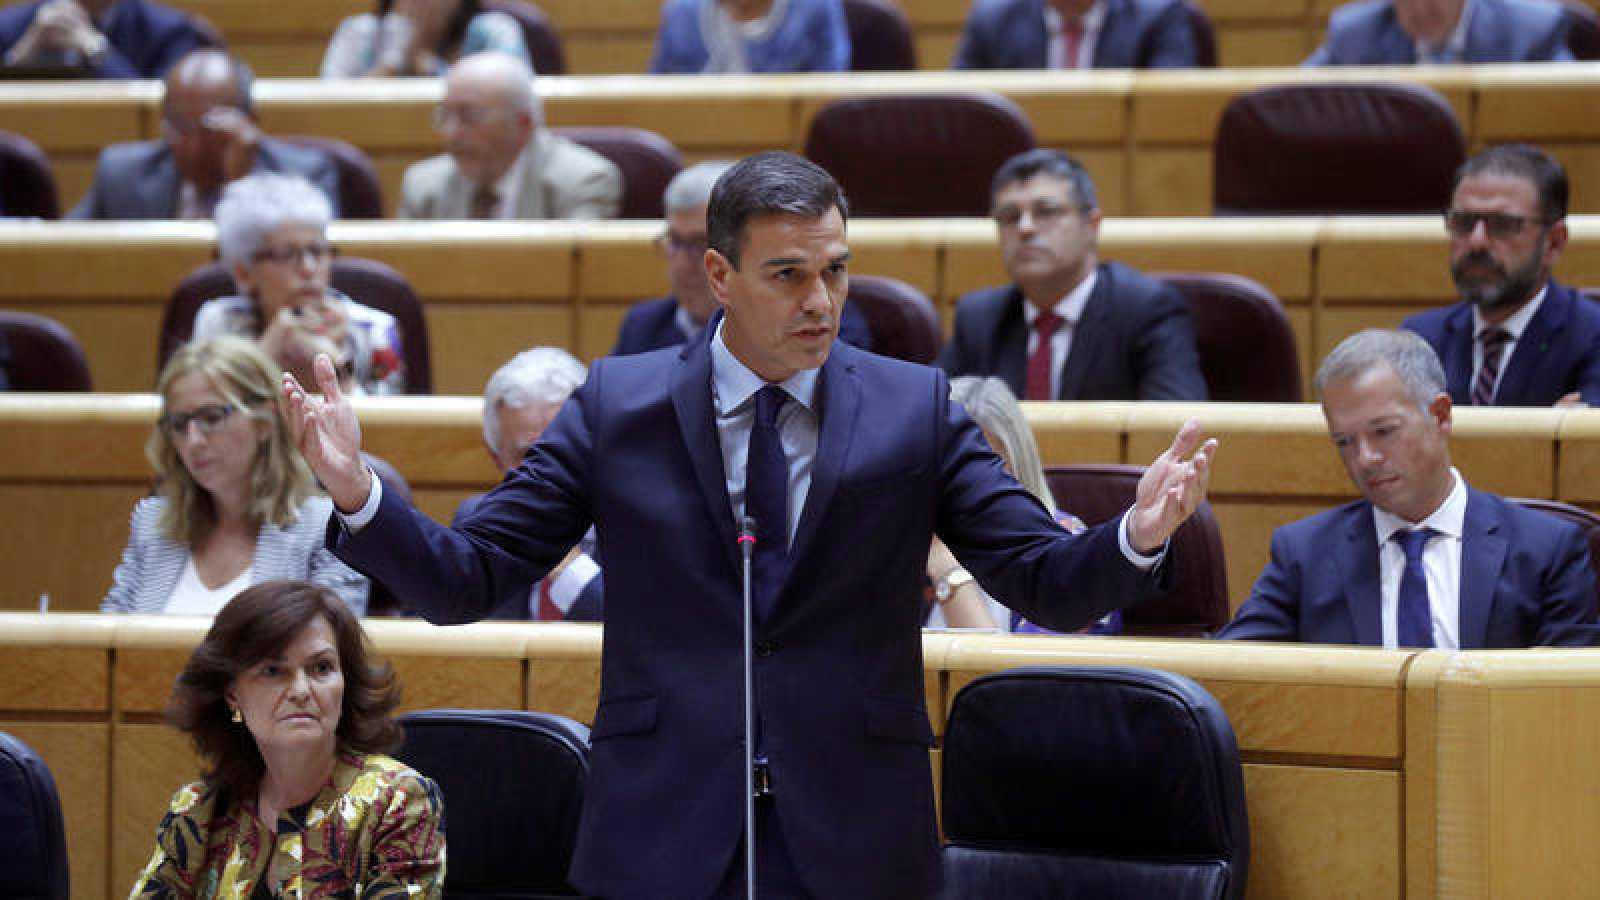 El presidente del Gobierno, Pedro Sánchez, interviene durante la sesión de control del Gobierno en el Senado